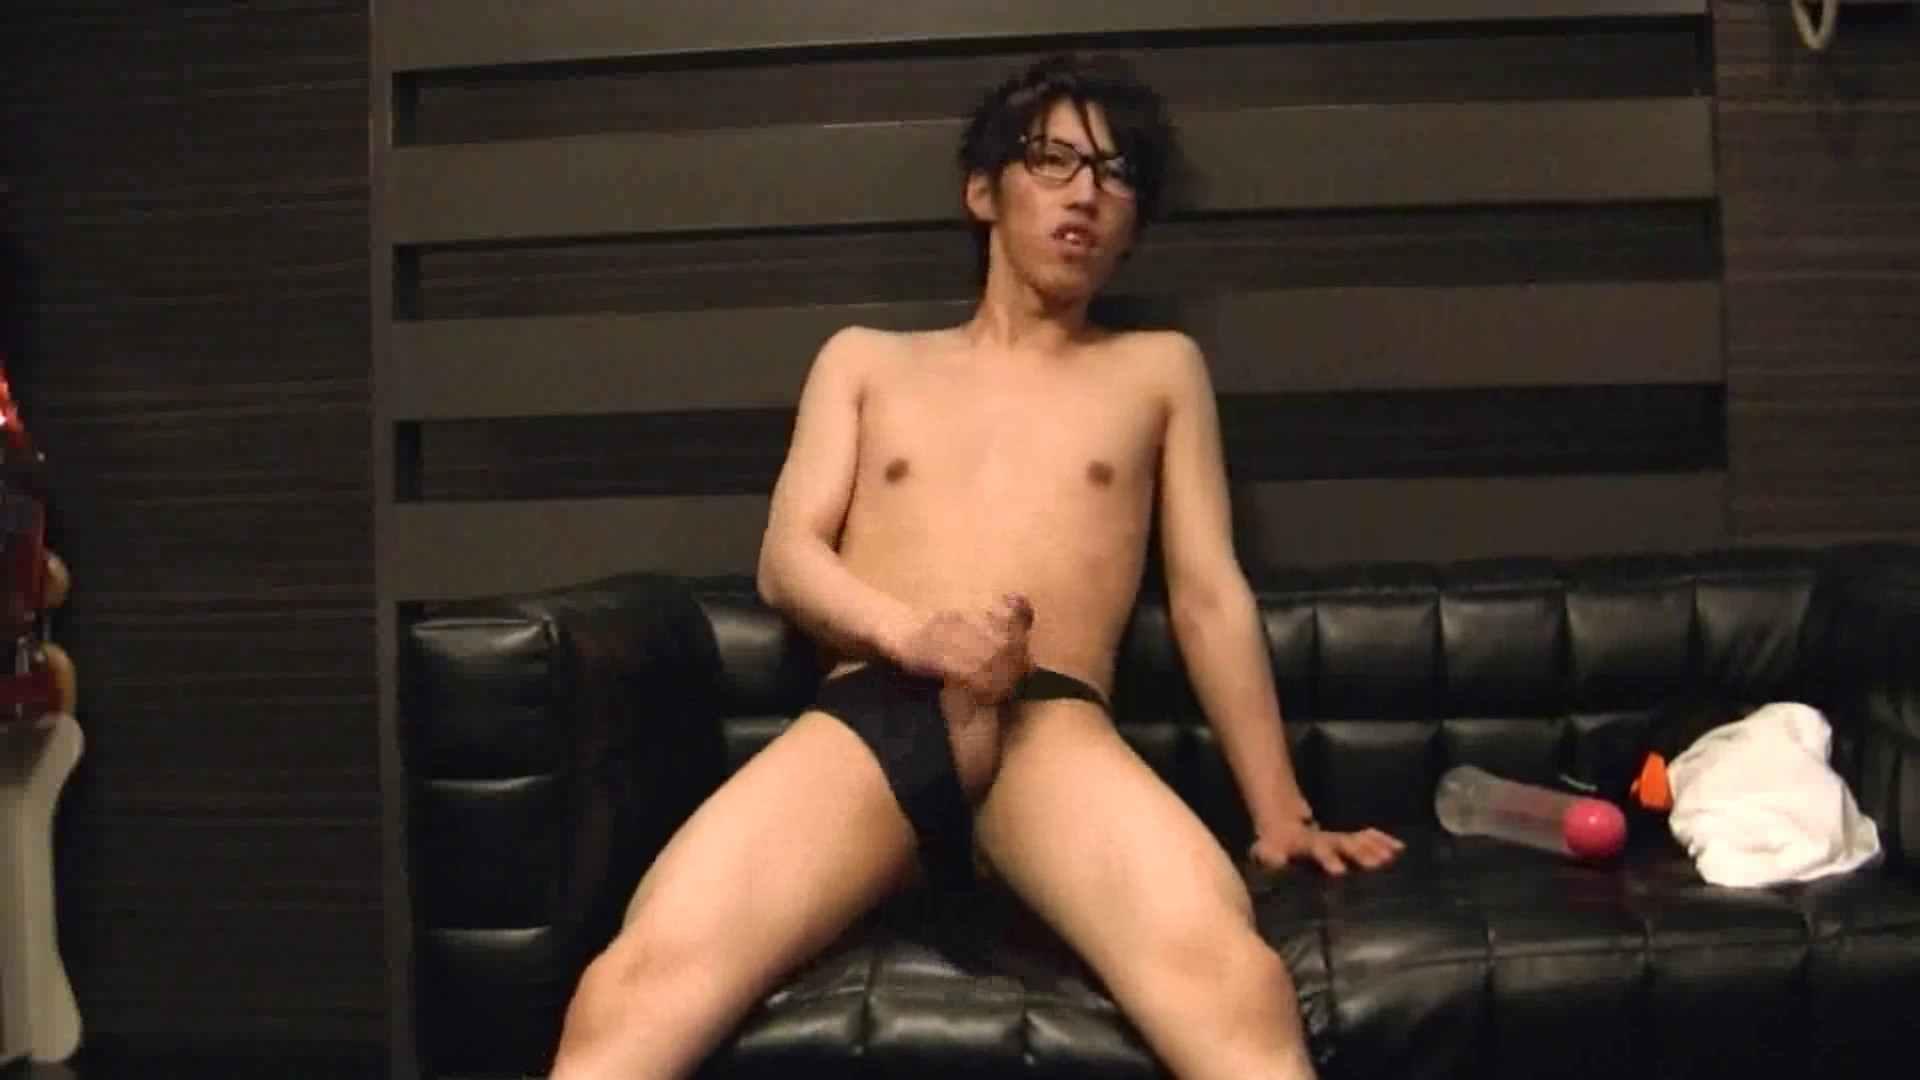 ONA見せカーニバル!! Vol3 ゲイのオナニー映像 | 男祭り  103枚 89